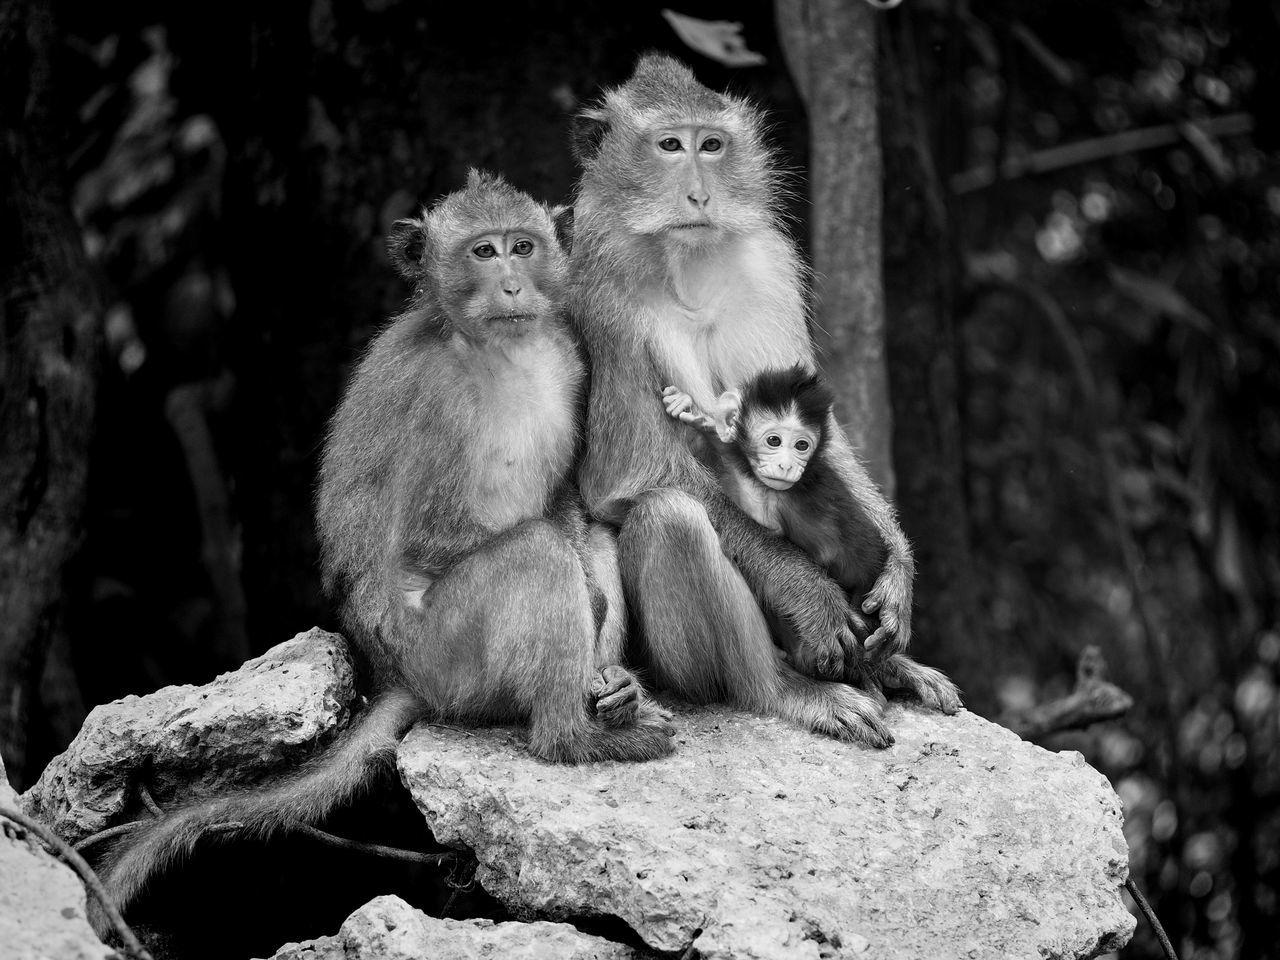 Monkeys Sitting On Broken Concrete In Forest